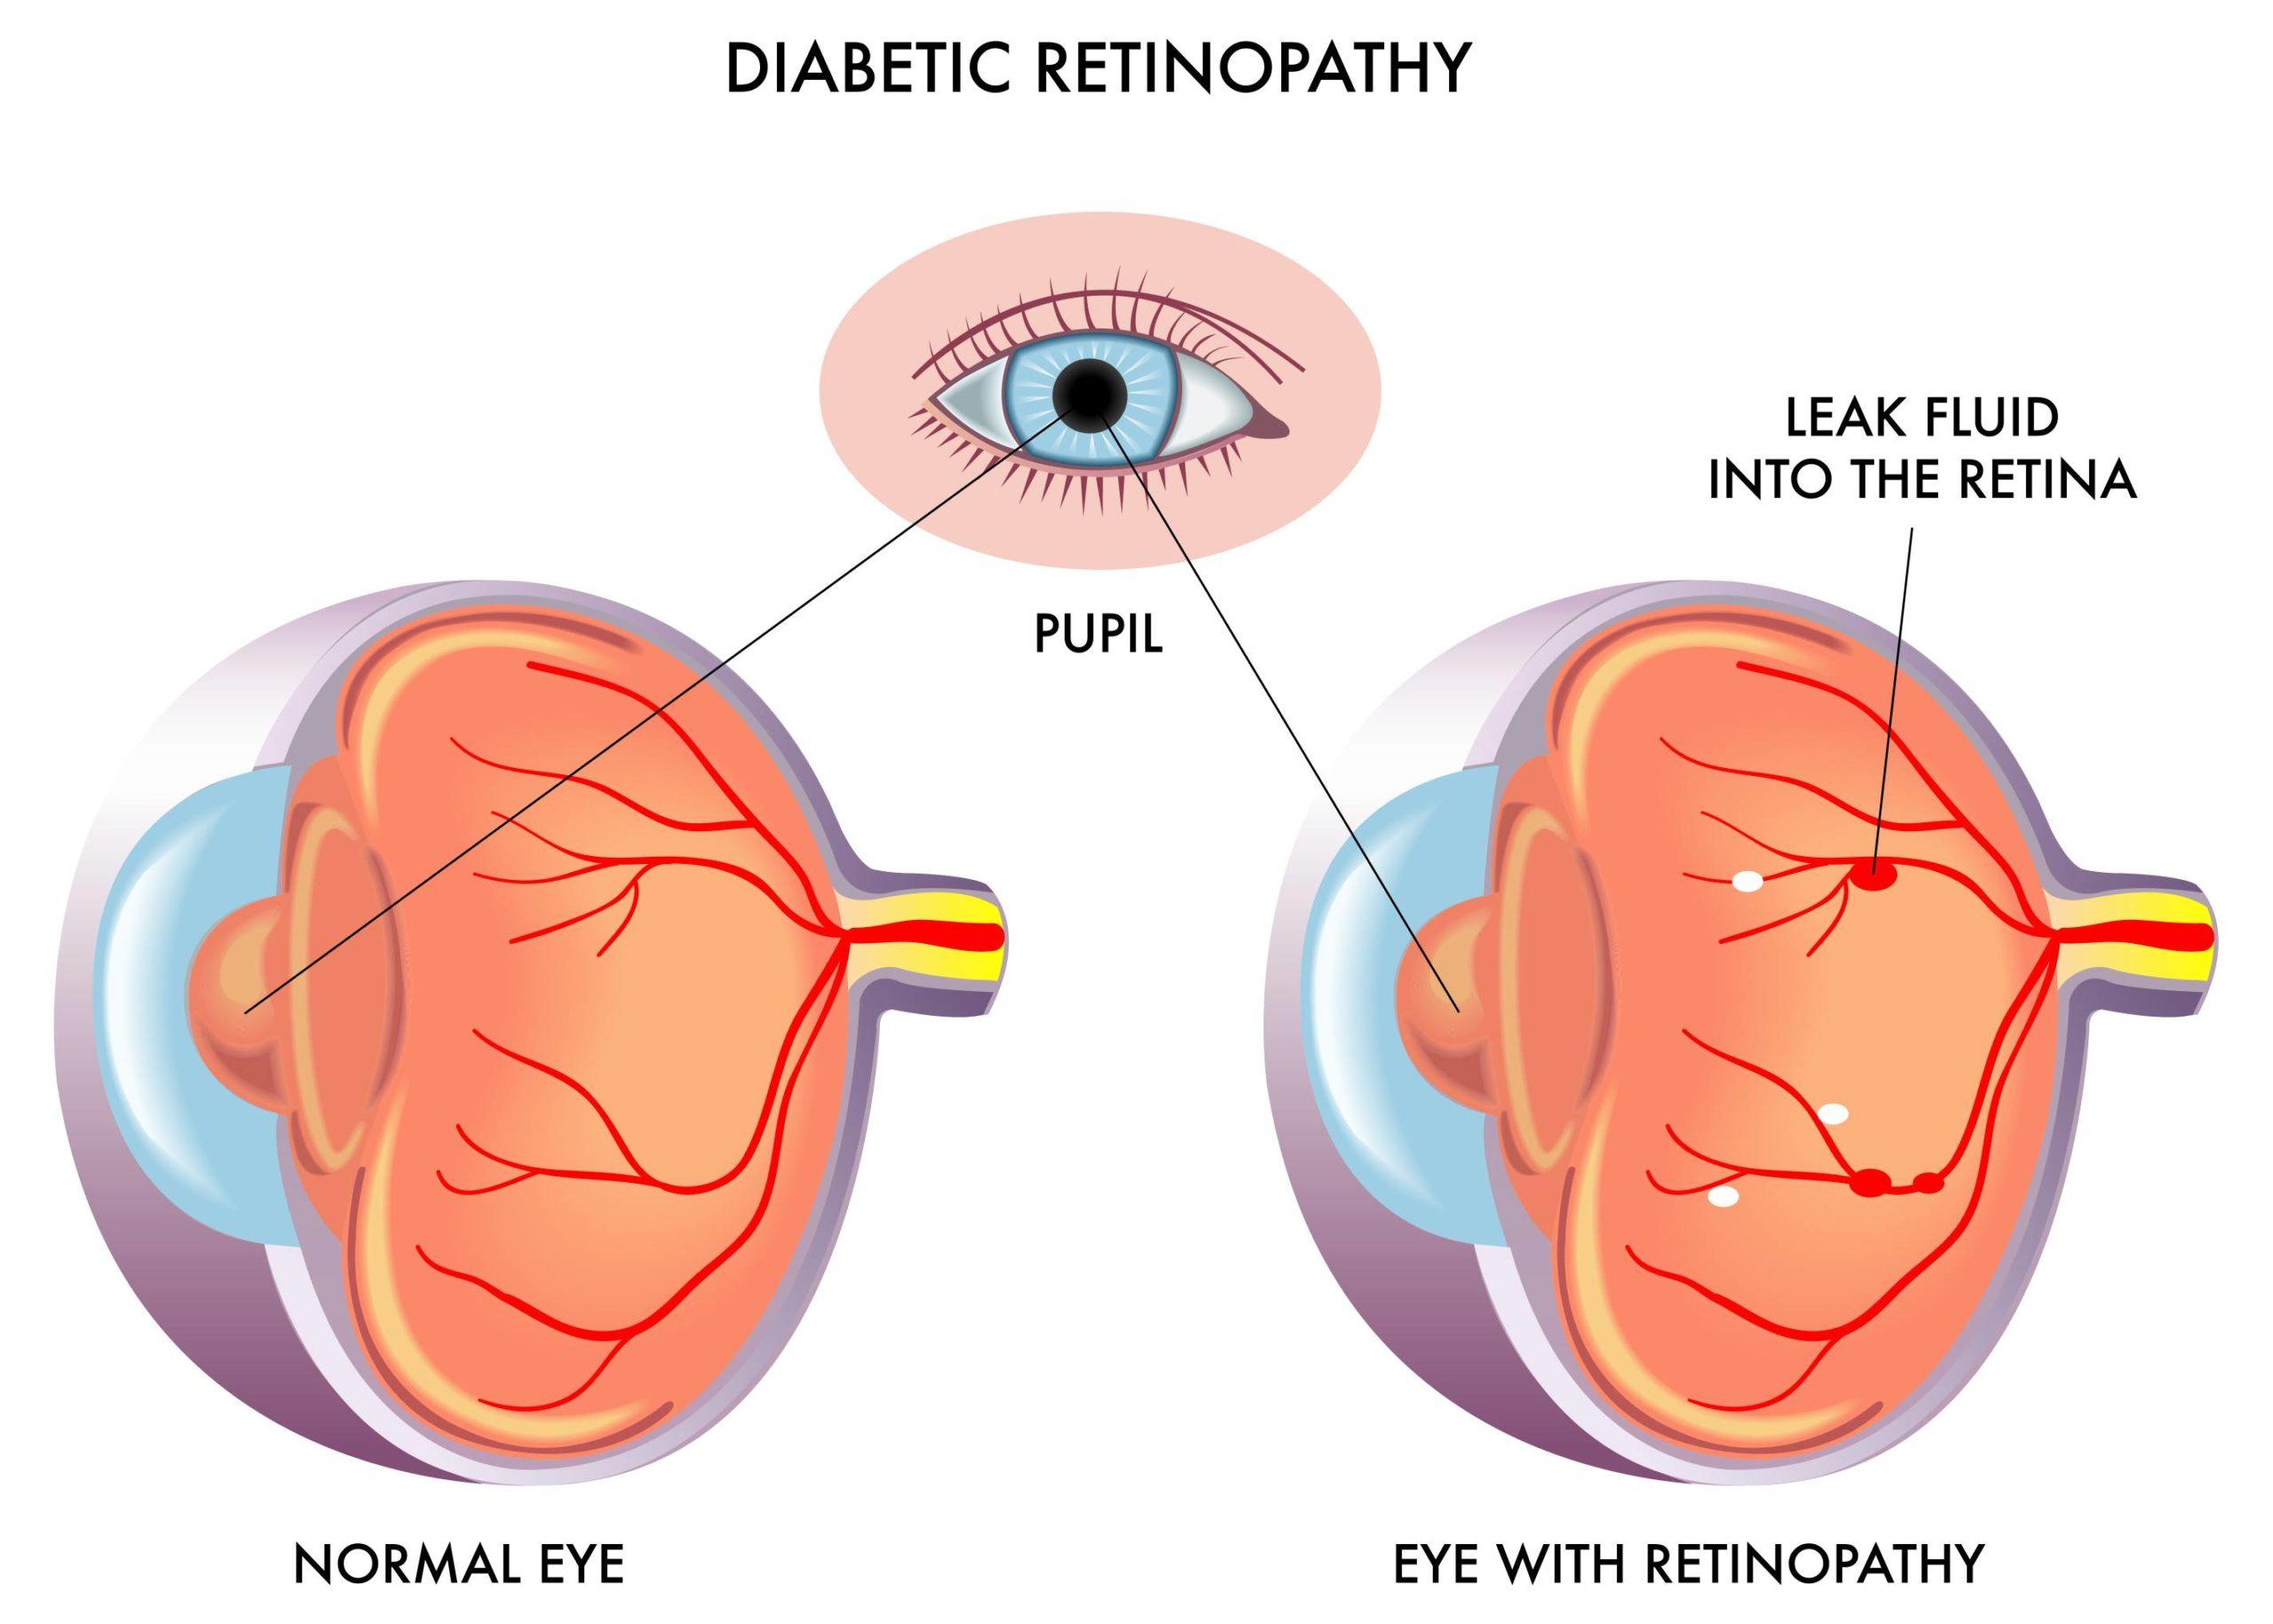 רטינופתיה סוכרתית